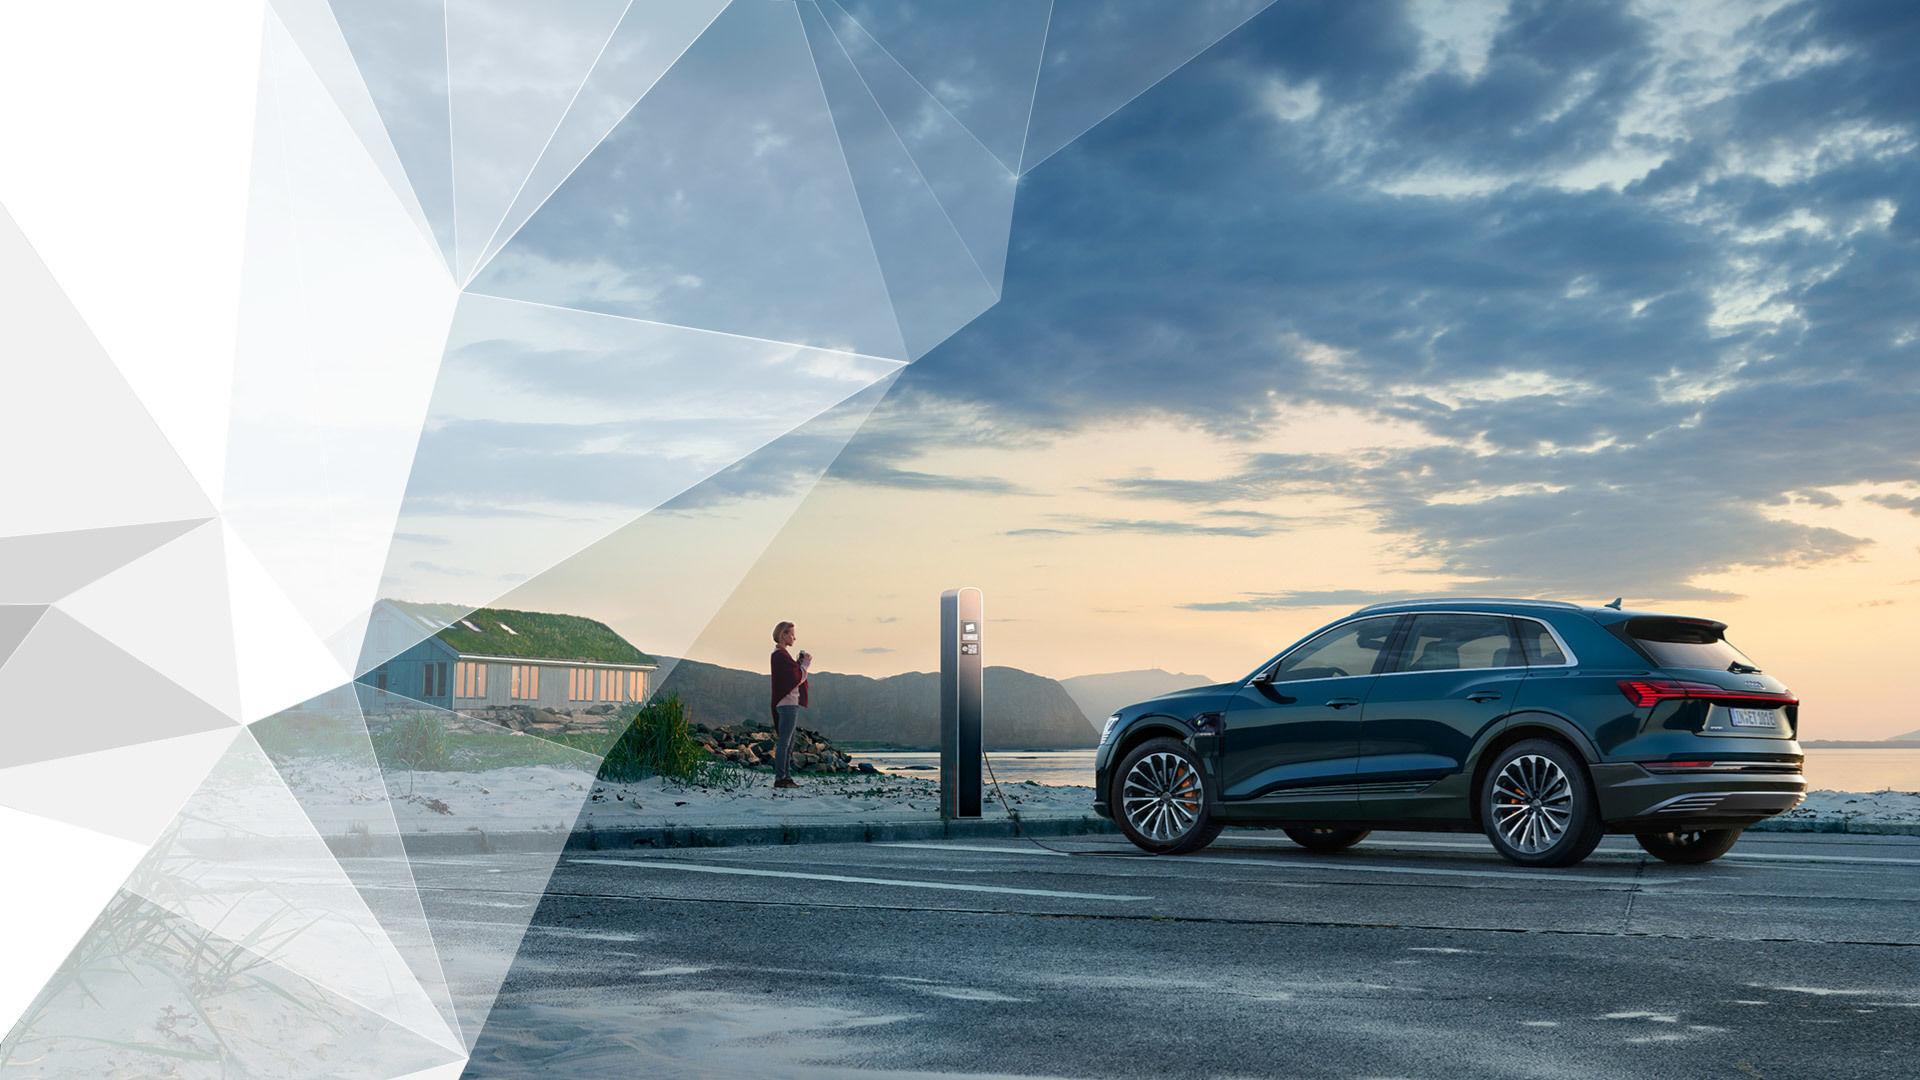 Audi Annual Press Conference 2020